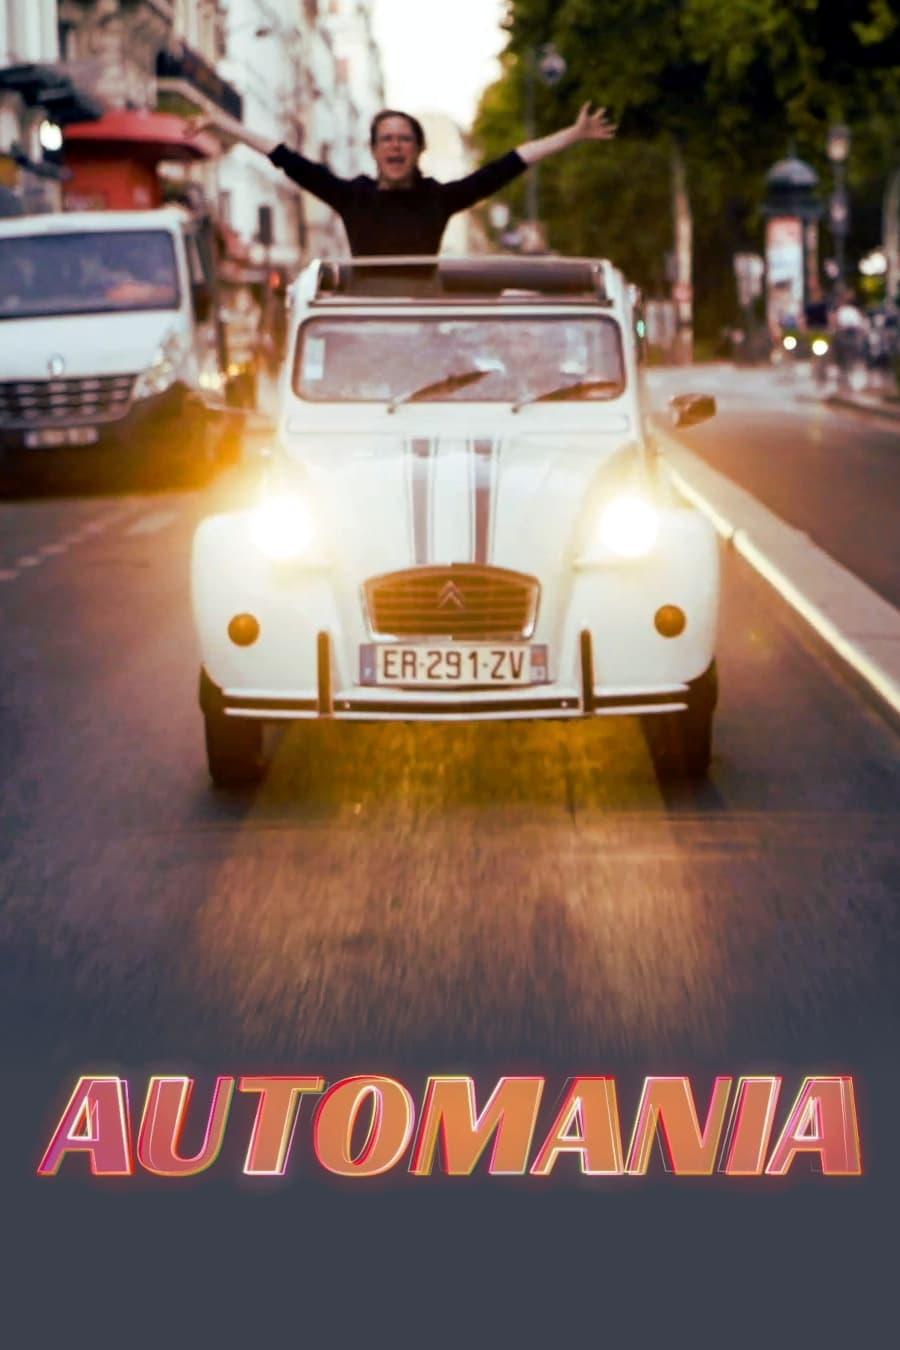 Automania TV Shows About Rat